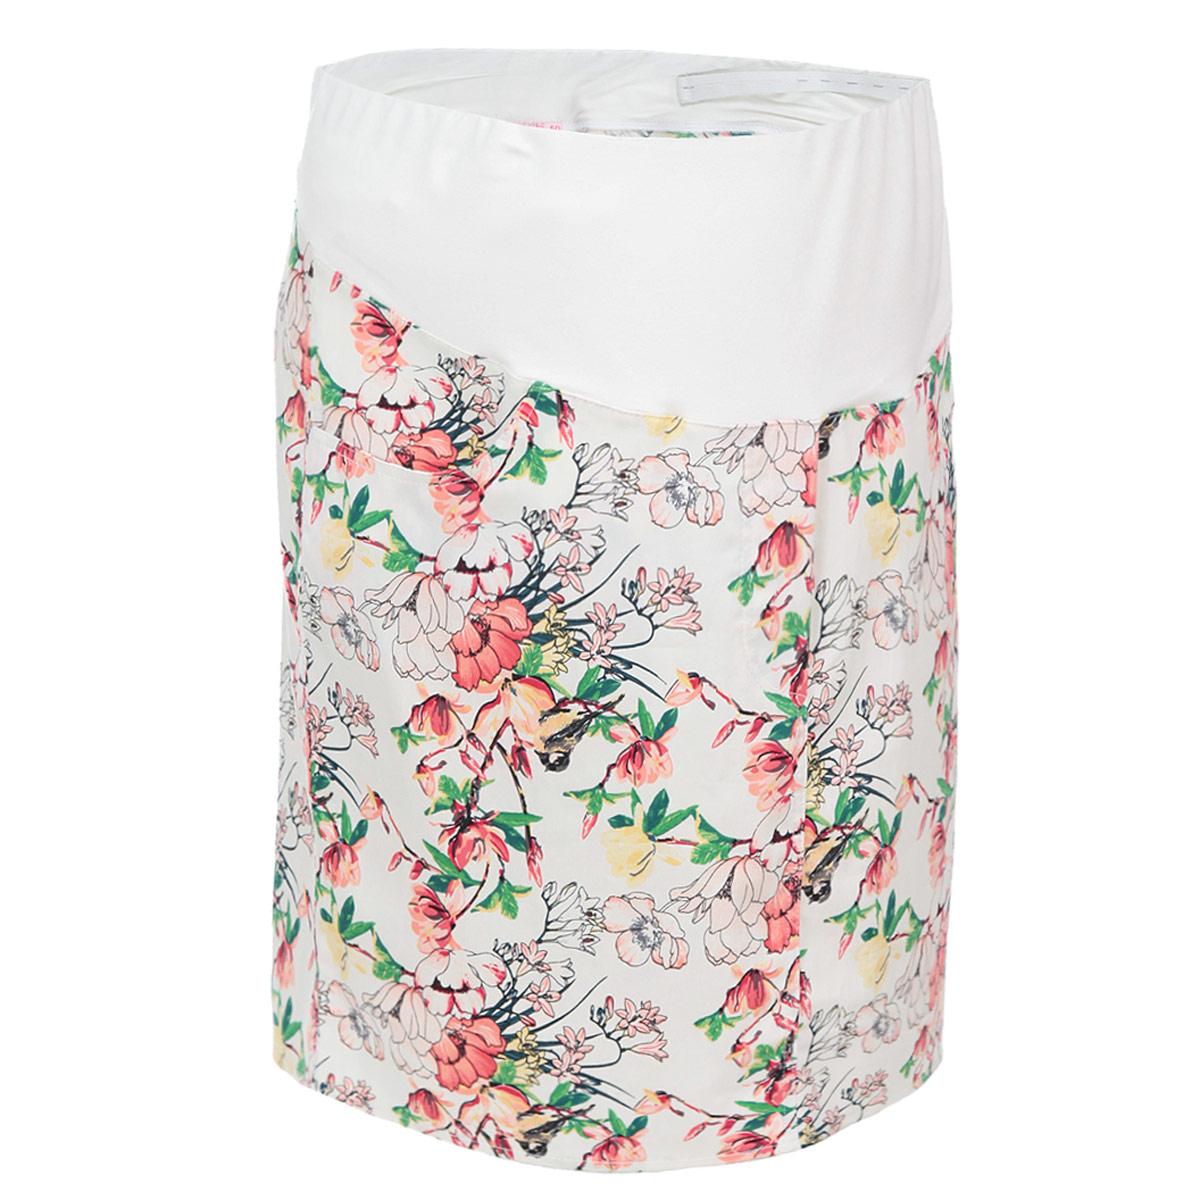 Юбка для беременных Nuova Vita, цвет: молочный, розовый. 6103.1. Размер 486103.1Летняя юбка Nuova Vita для беременных выполнена из качественного хлопкового материала, что позволяет изделию не деформироваться при носке. Модель прямого кроя дополнена бандажом из мягкой ткани с эластичной поддерживающей резинкой, не сдавливающей живот даже на последнем месяце беременности. Модель оформлена цветочным принтом, спереди дополнена двумя втачными карманами, сзади предусмотрена шлица в среднем шве. Стильная и удобная юбка займет достойное место в гардеробе молодой мамы.